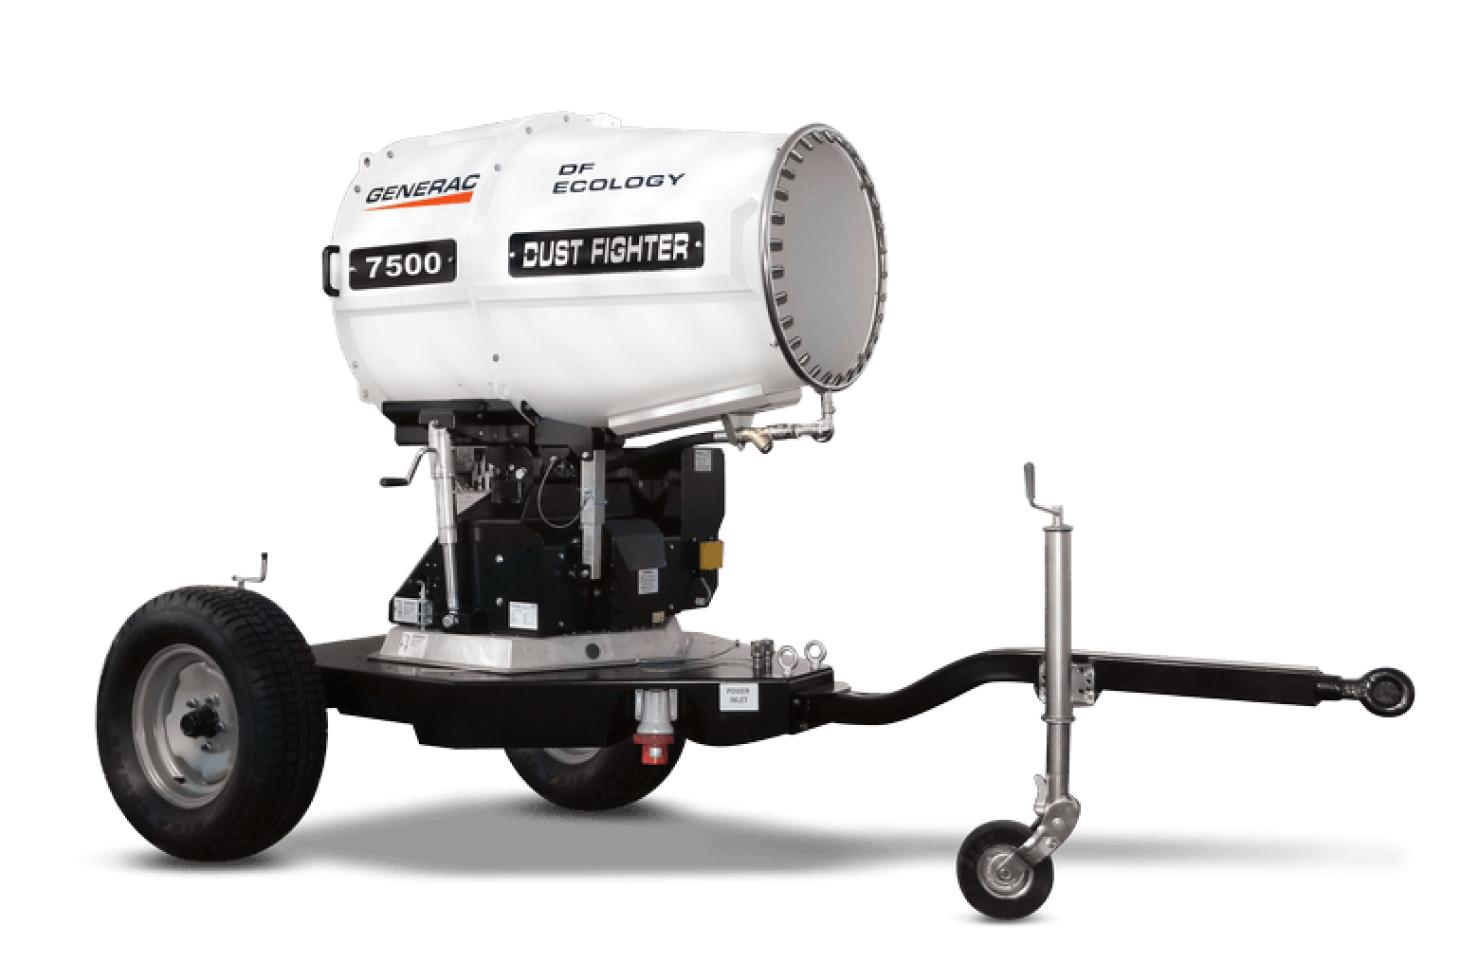 DF 7500 Generac Mobile Установка подавления пыли